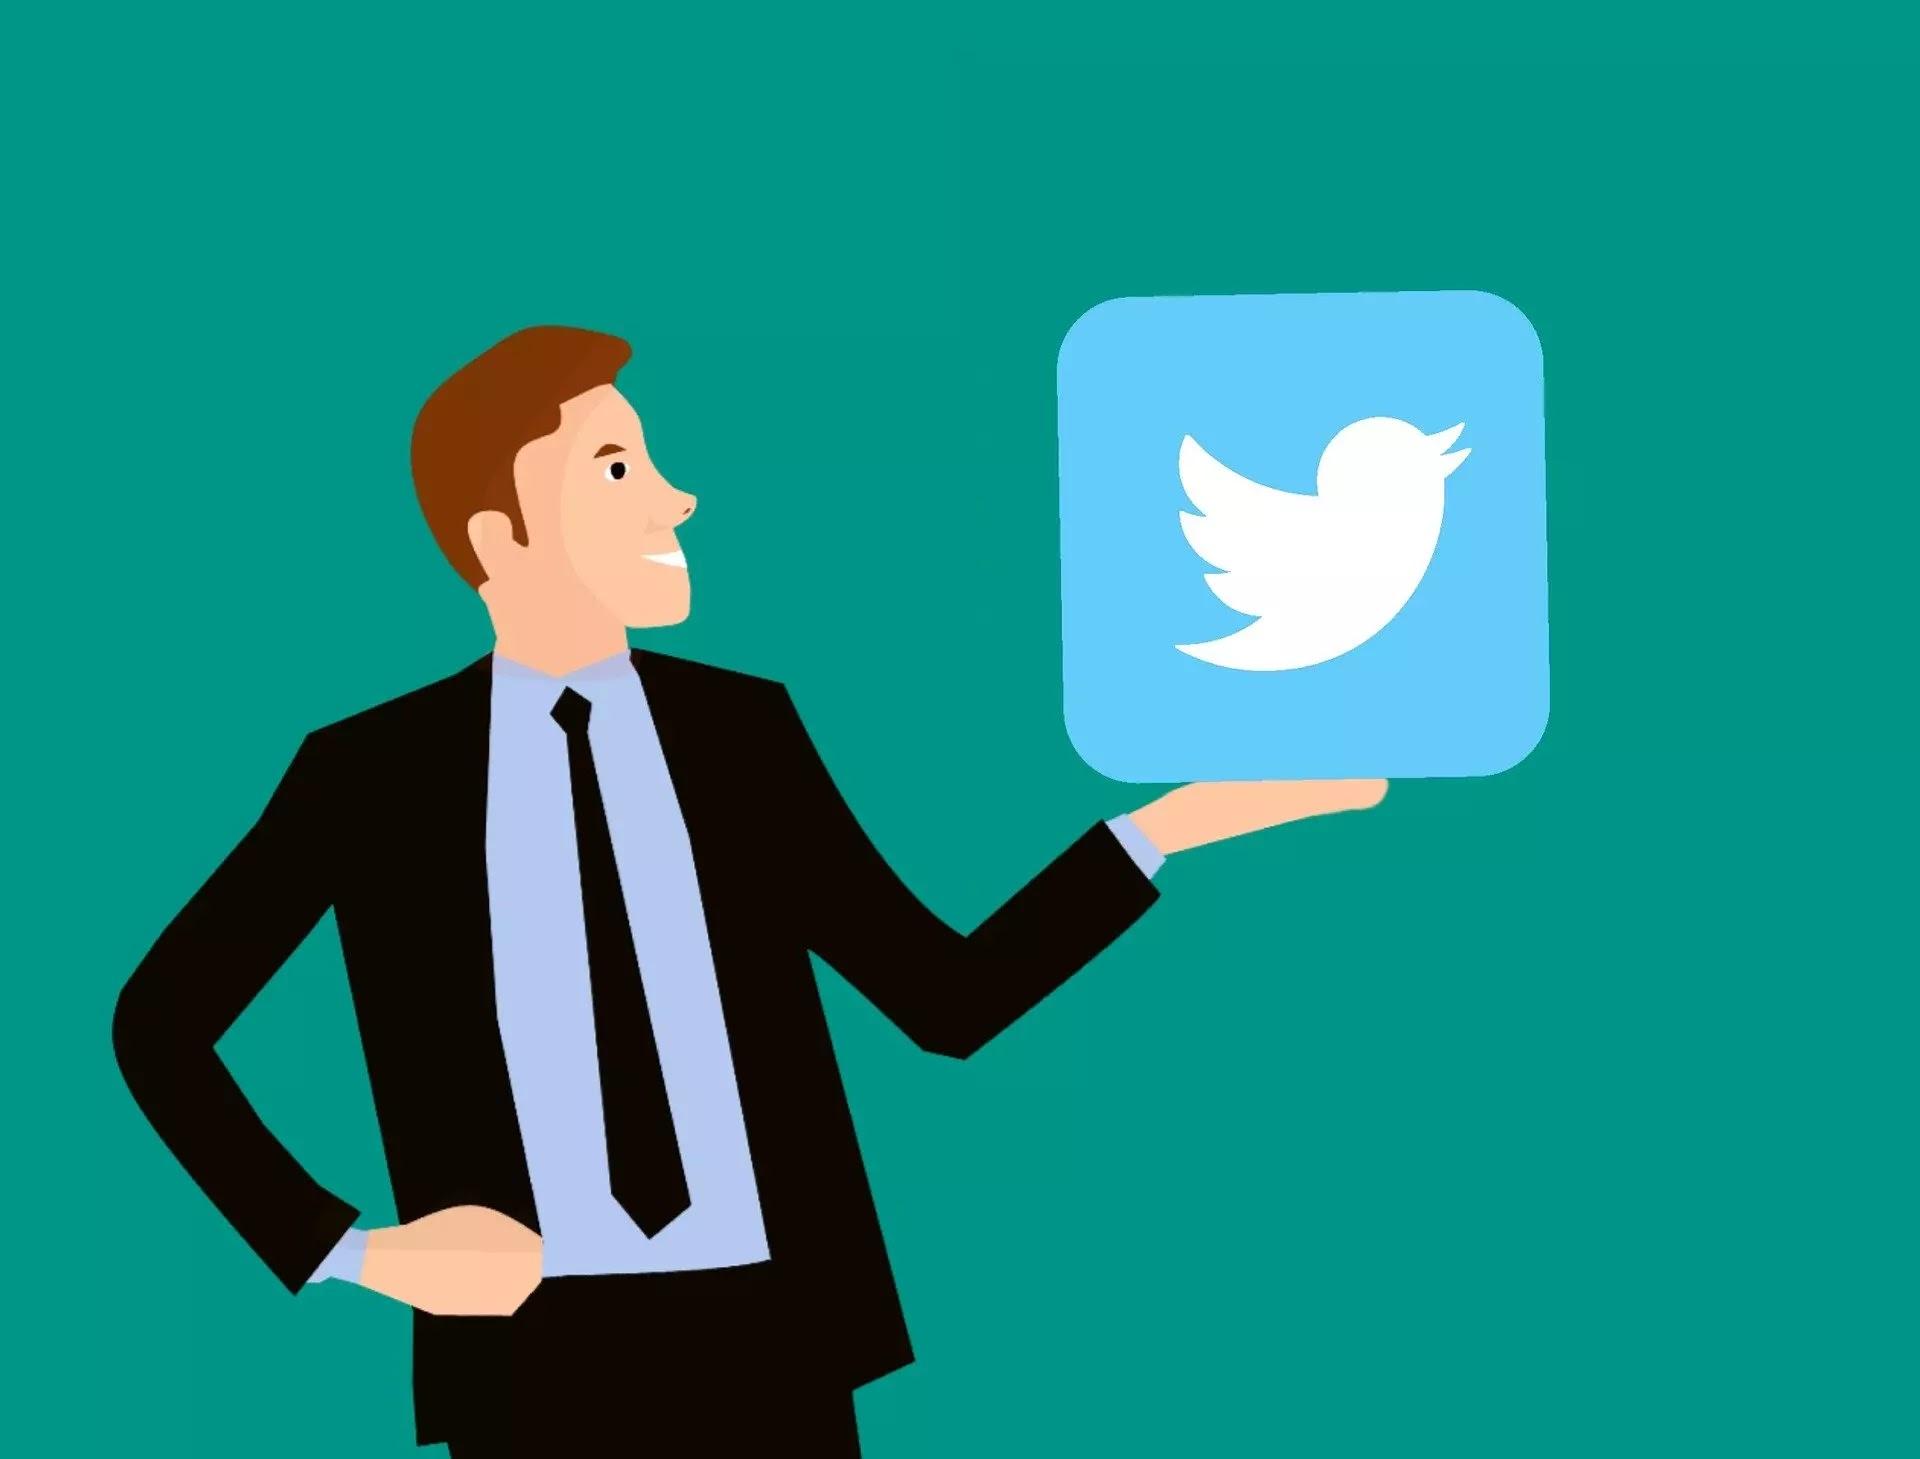 التسويق عبر تويتر,تويتر,التسويق على تويتر,التسويق الالكتروني,تسويق تويتر,التسويق من خلال تويتر,التسويق عبر تويتر استهداف المتابعين والمهتمين,تعلم التسويق الالكتروني,التسويق,برنامج التسويق على تويتر,طريقة التسويق على تويتر,كيفية التسويق على تويتر,التسويق عبر تويتر pdf,افضل طرق التغريد عبر تويتر,تسويق عبر تويتر,تسويق,التسويق الالكتروني عبر تويتر,اهمية تويتر في التسويق,التسويق بالعمولة على تويتر,التسويق الالكتروني على تويتر,اعلانات تويتر